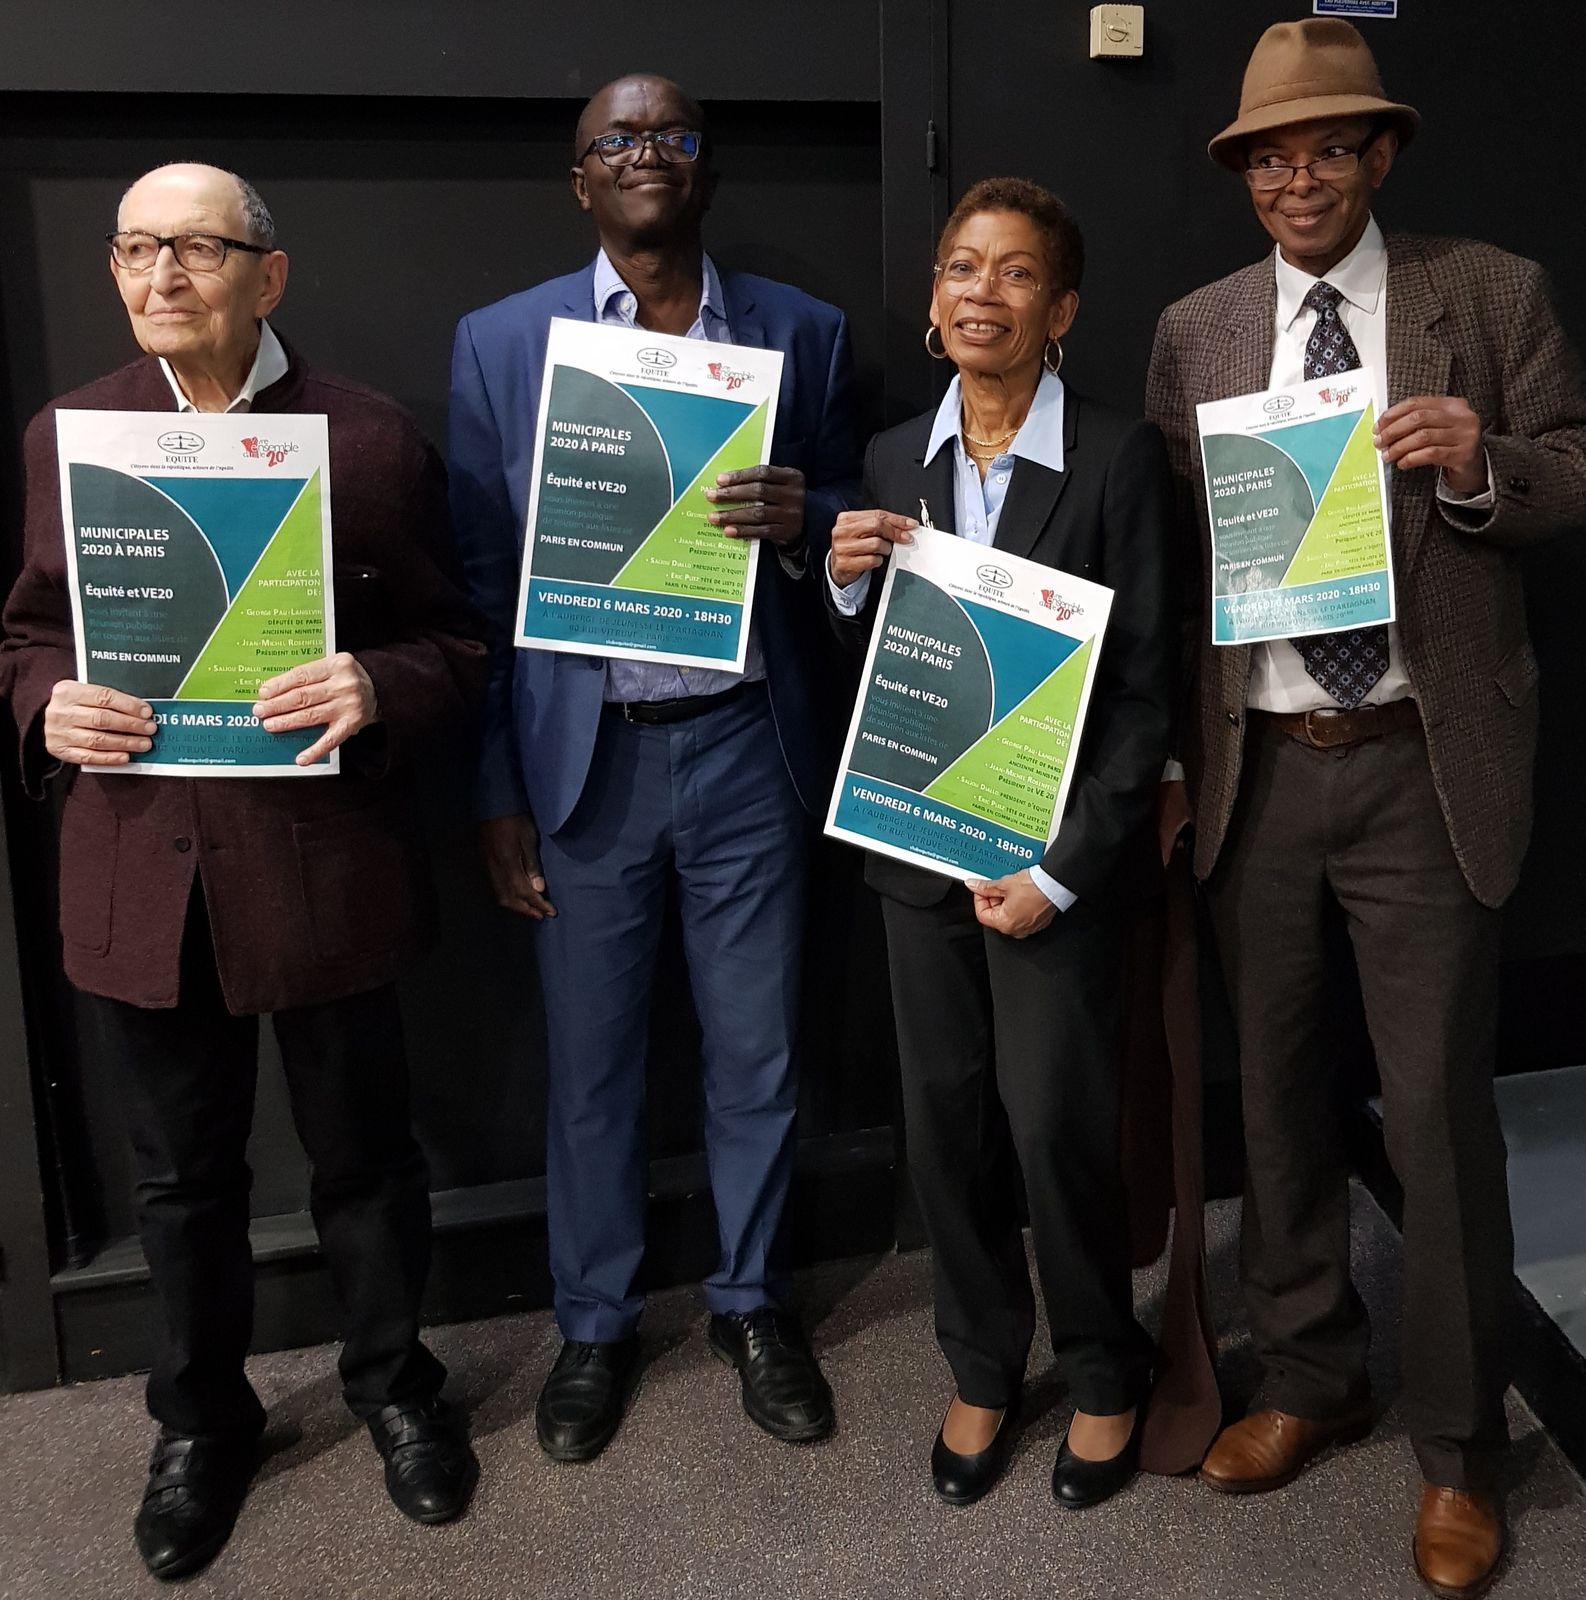 «Le Mouvement Equité soutient Paris en Commun avec Mme Anne HIDALGO, pour une égalité réelle, ici et maintenant» par Amadou Bal BA - http://baamadou.over-blog.fr/8